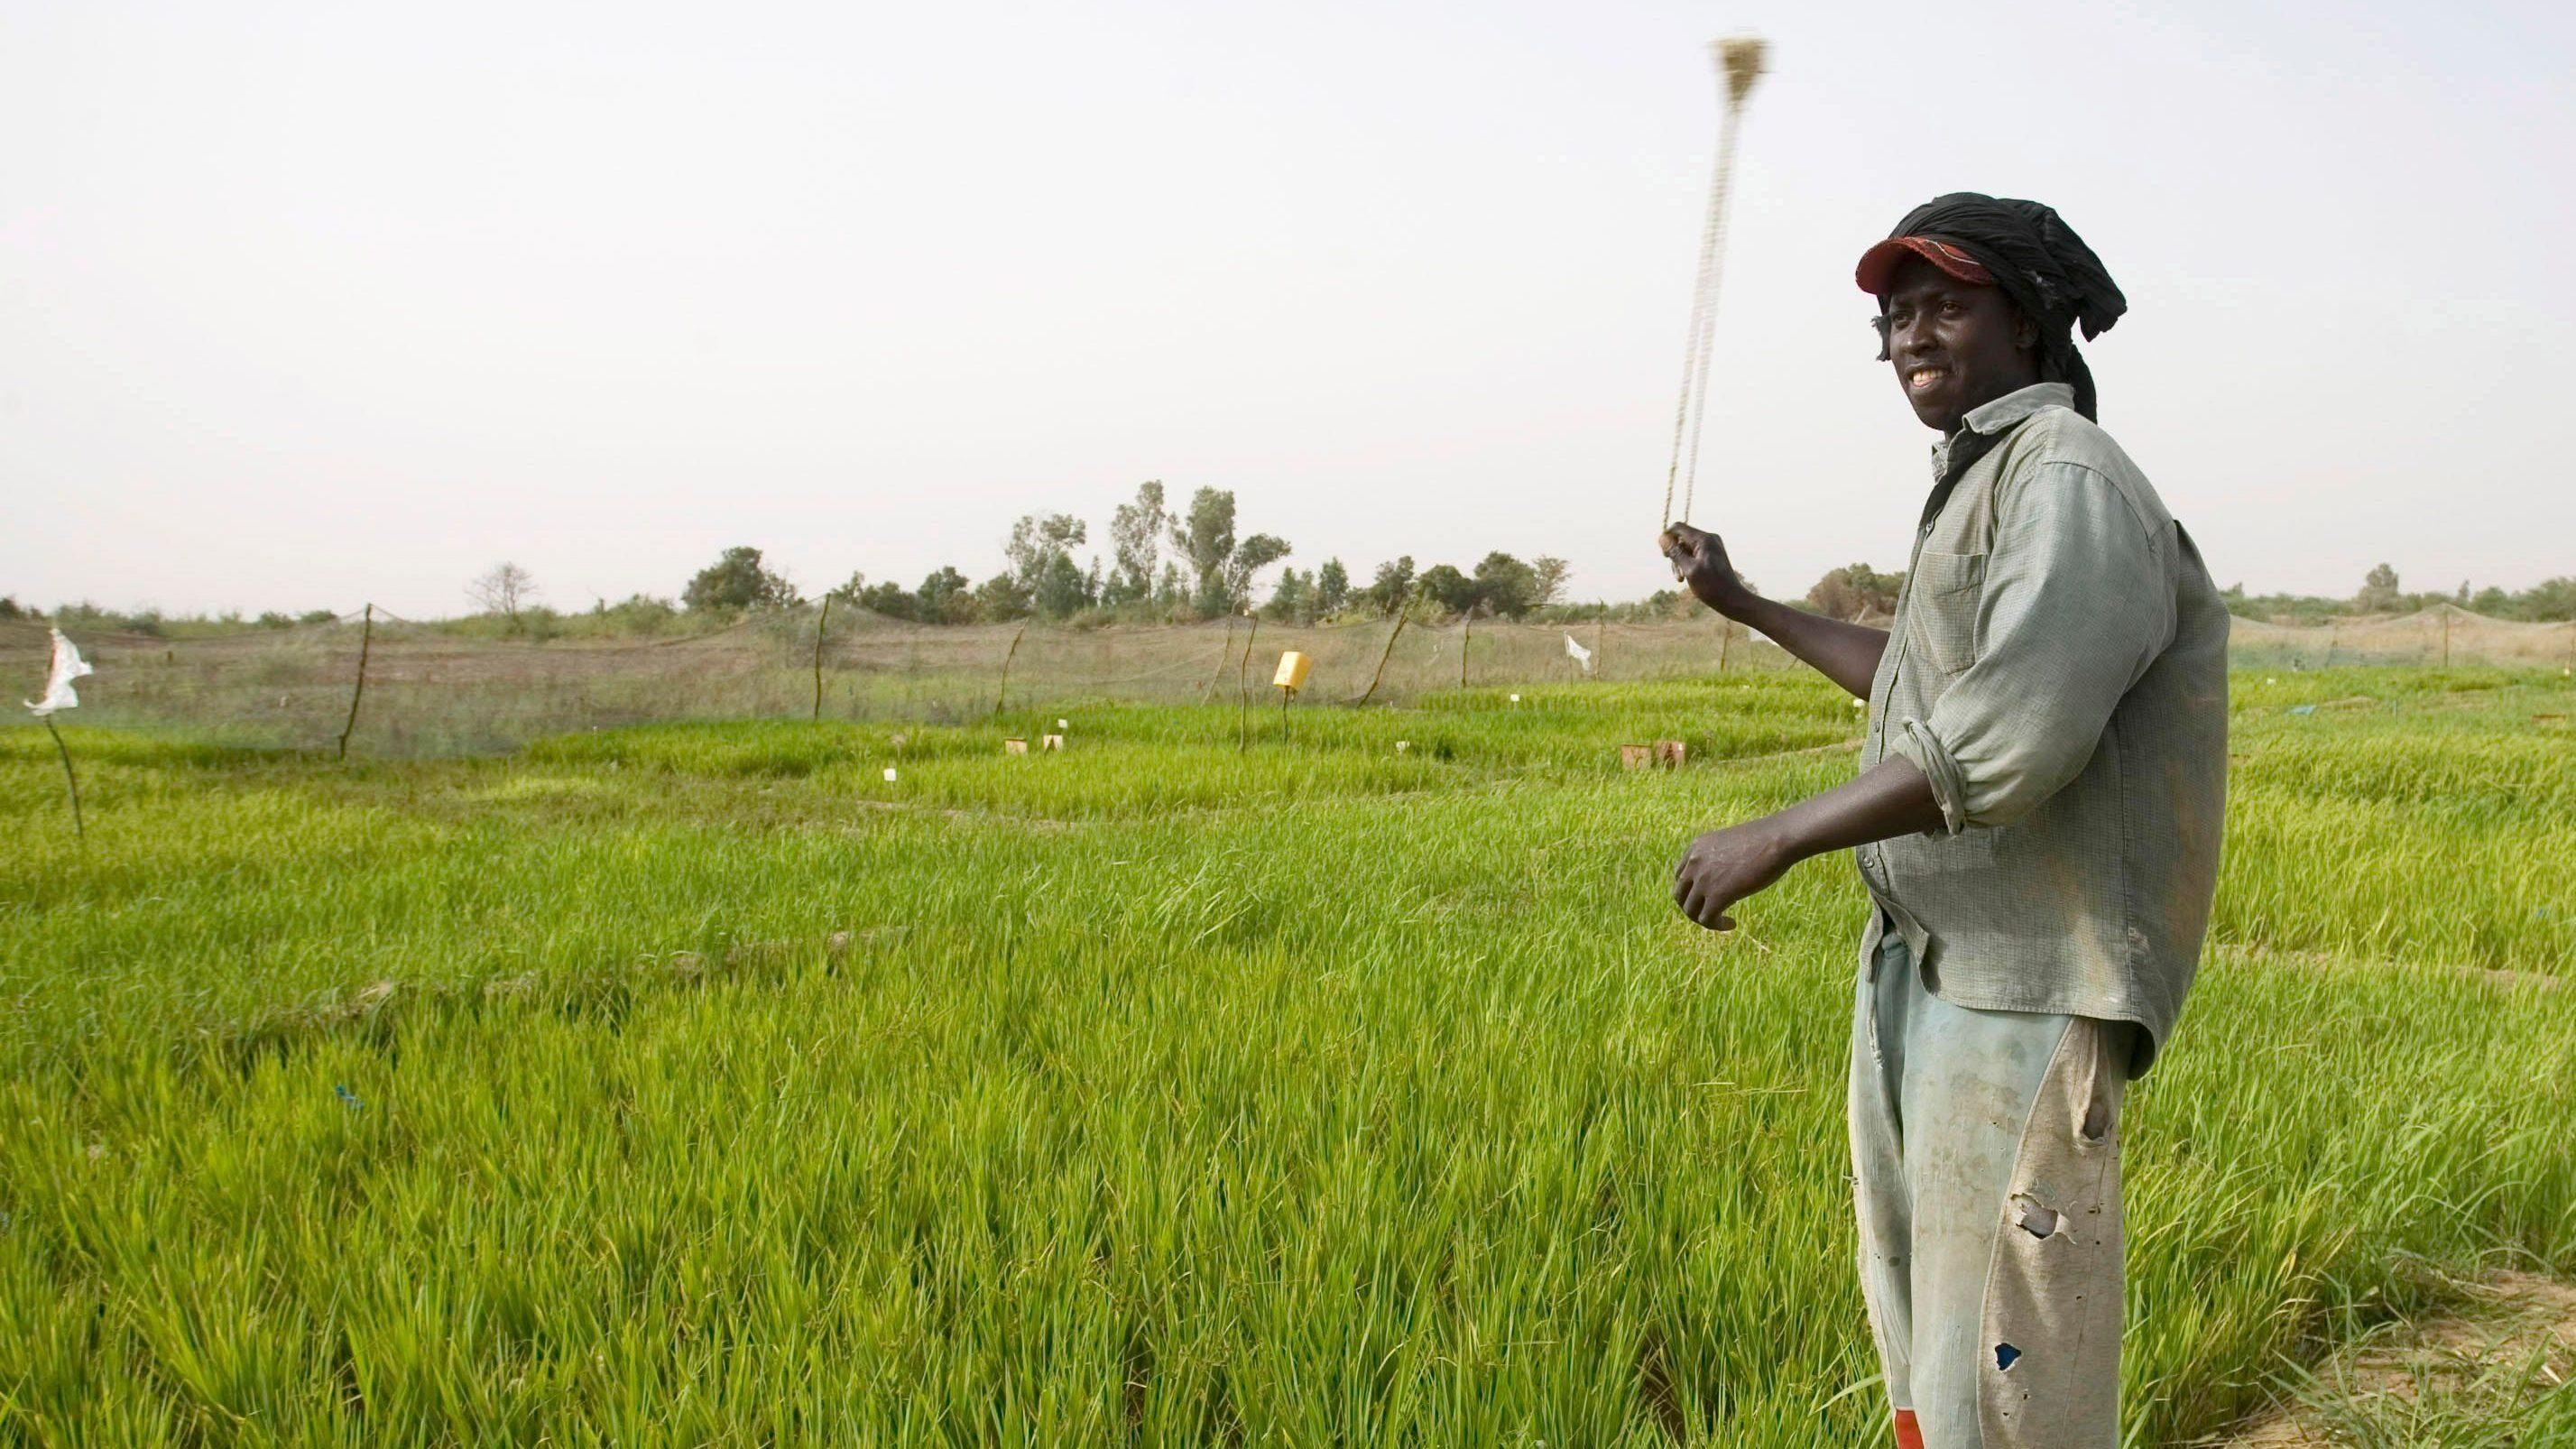 Senegal hopes it has the next quinoa